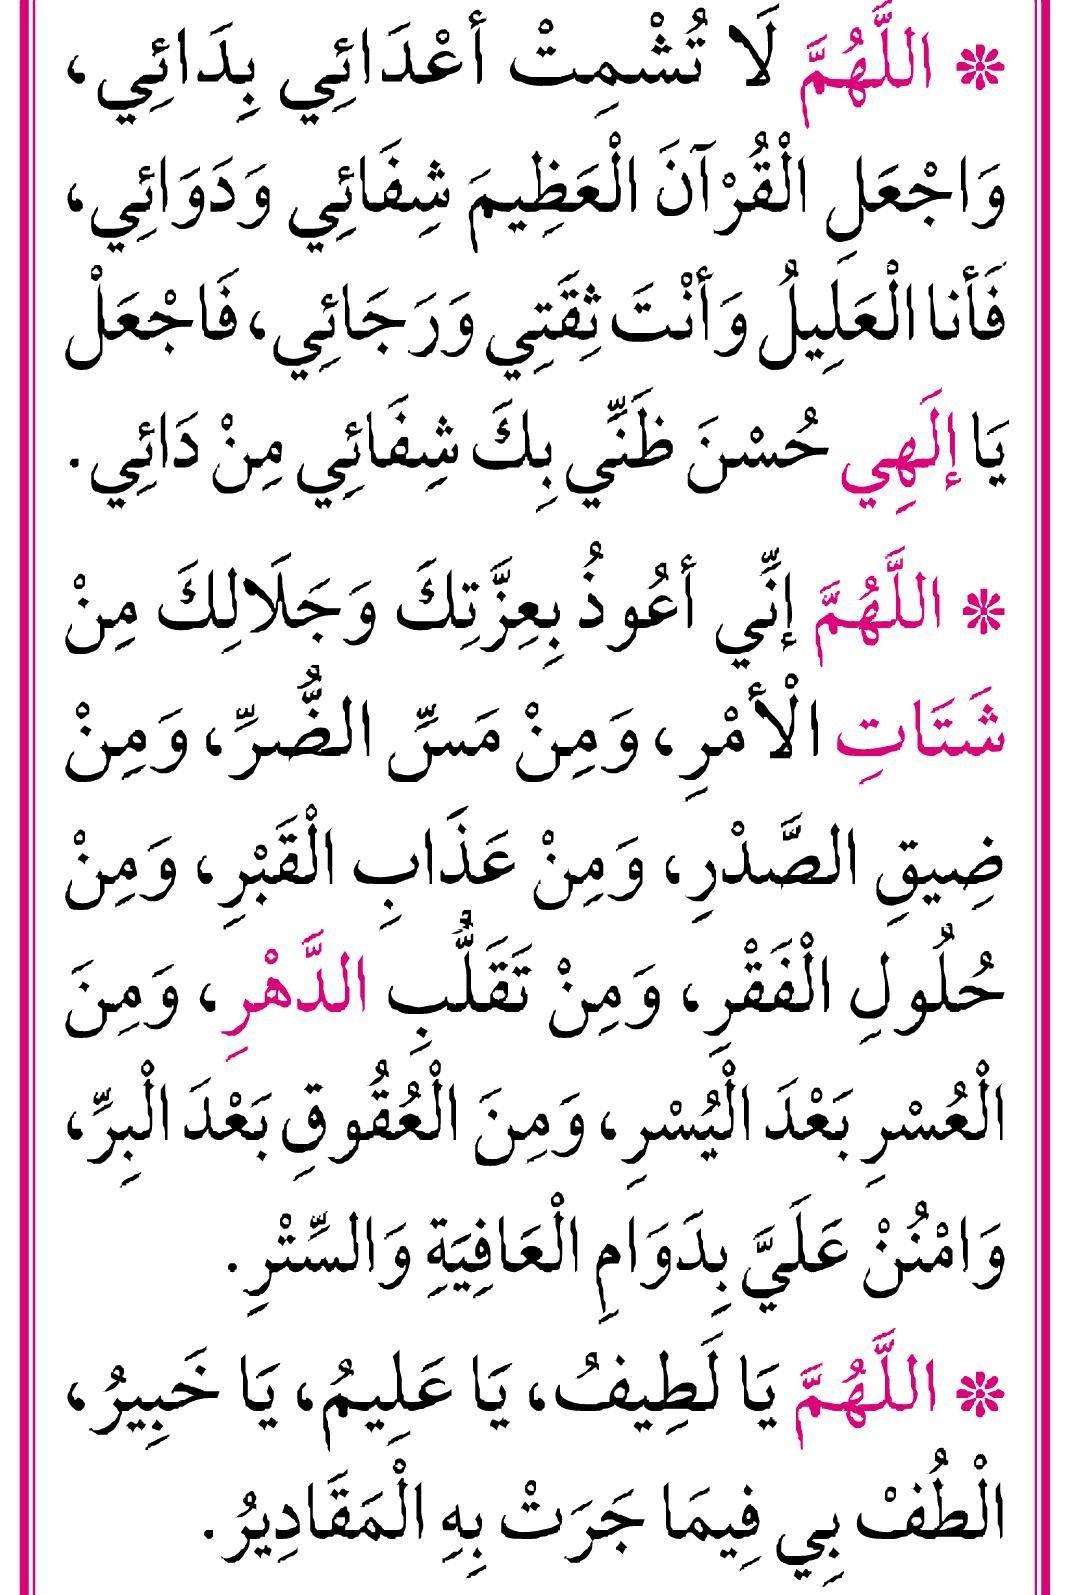 لا يرد القدر الا الدعاء Islam Beliefs Islam Quran Islam Hadith